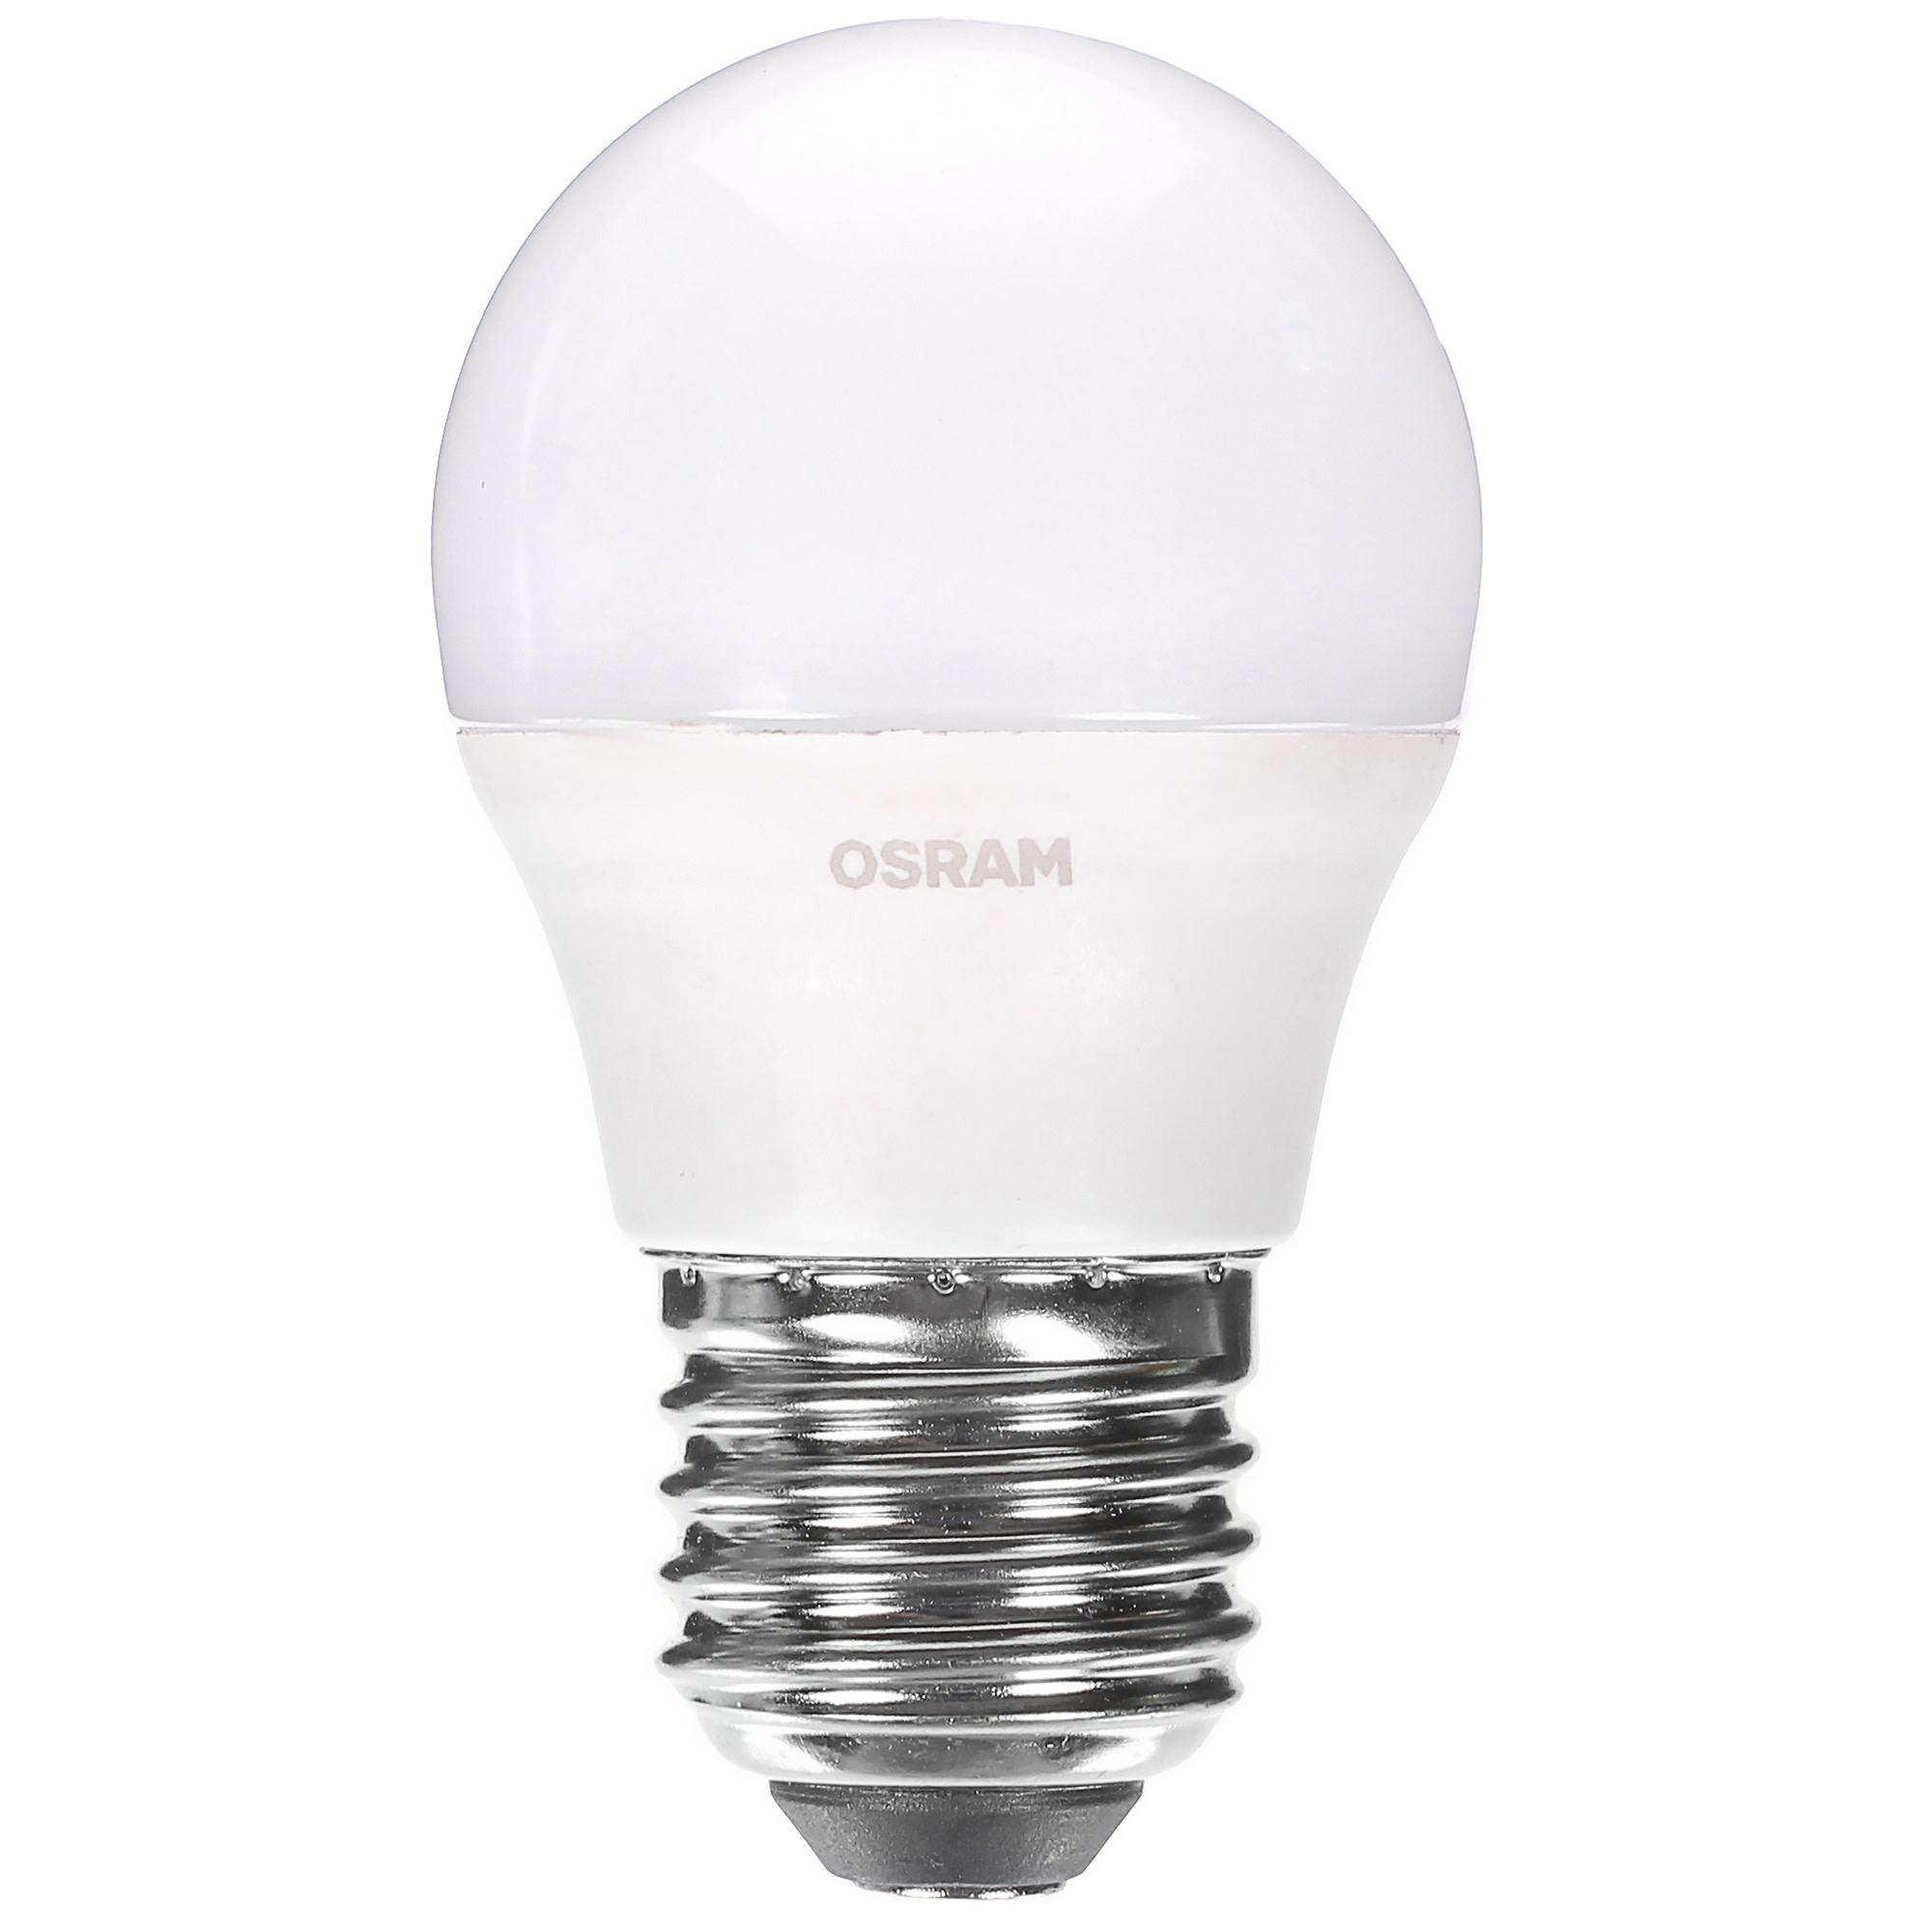 Лампа светодиодная Osram «Шар» E27 6.5 Вт 550 Лм свет холодный белый